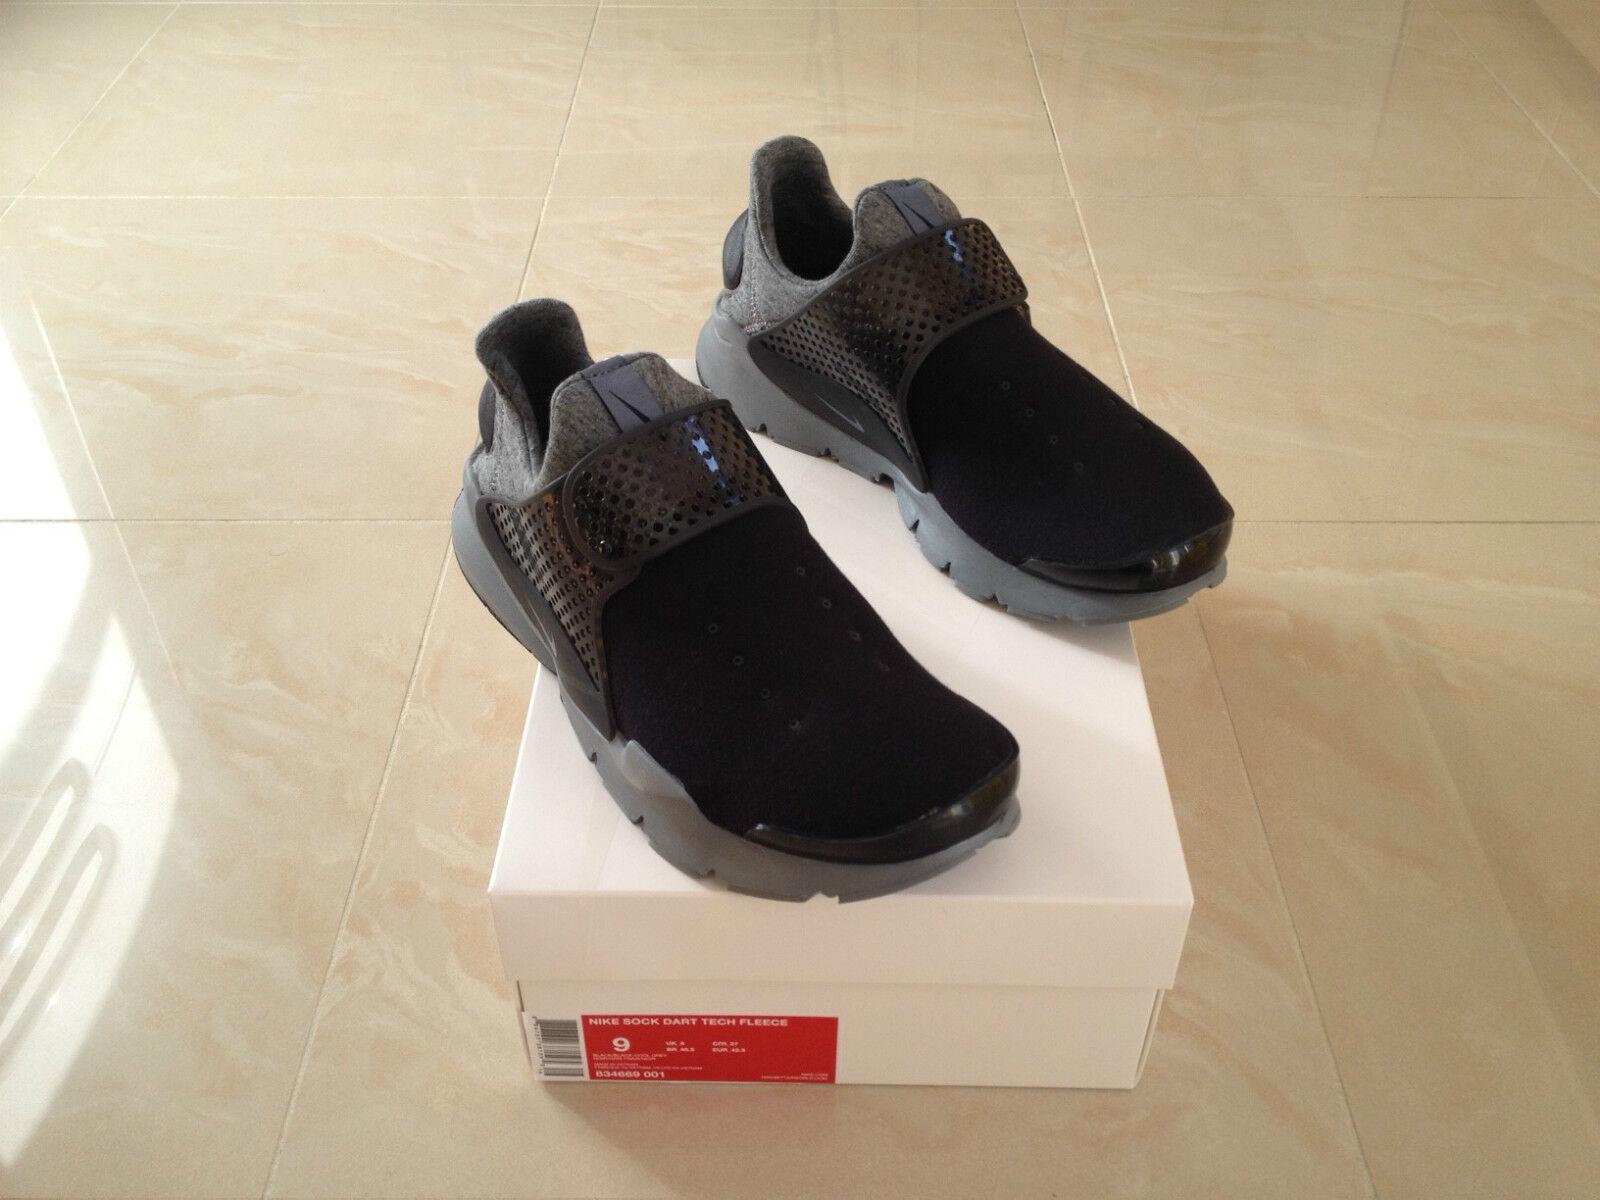 Nike NikeLab Sock Dart Tech Fleece Cool Grigio Nero Tutte le Misure NUOVO | Ad un prezzo inferiore  | Uomo/Donna Scarpa